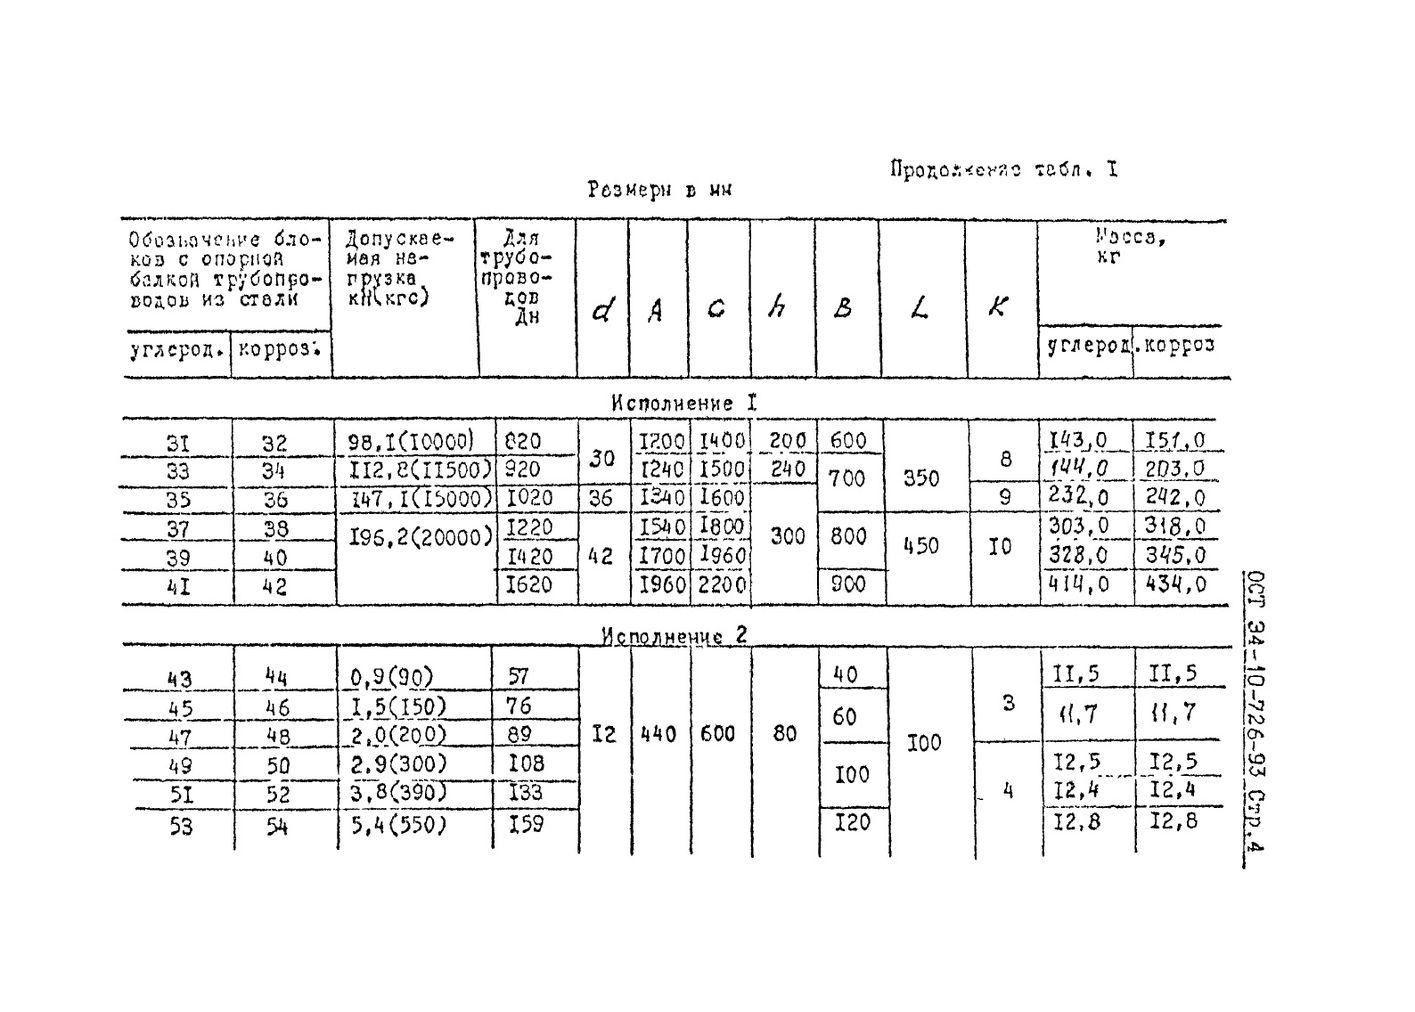 Блоки подвесок с опорной балкой ОСТ 34-10-726-93 стр.4